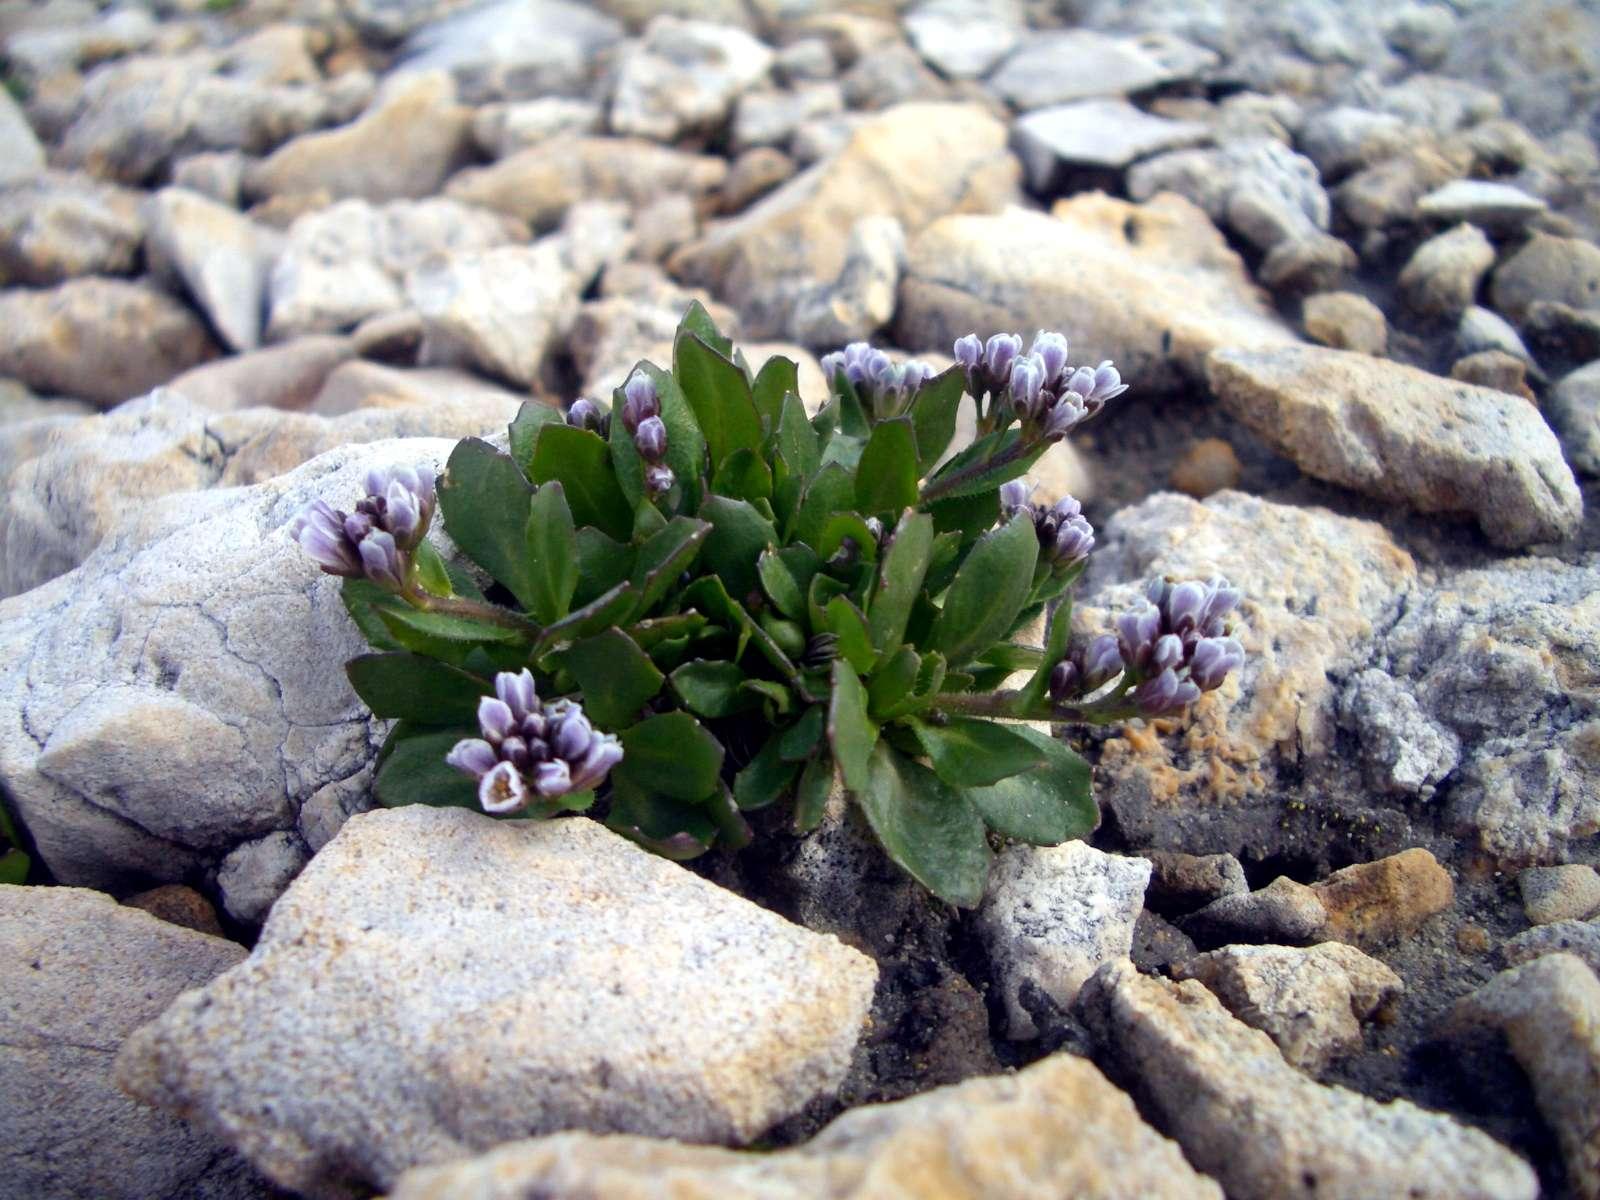 Il Diario vegetale, tra fiori e stagioni